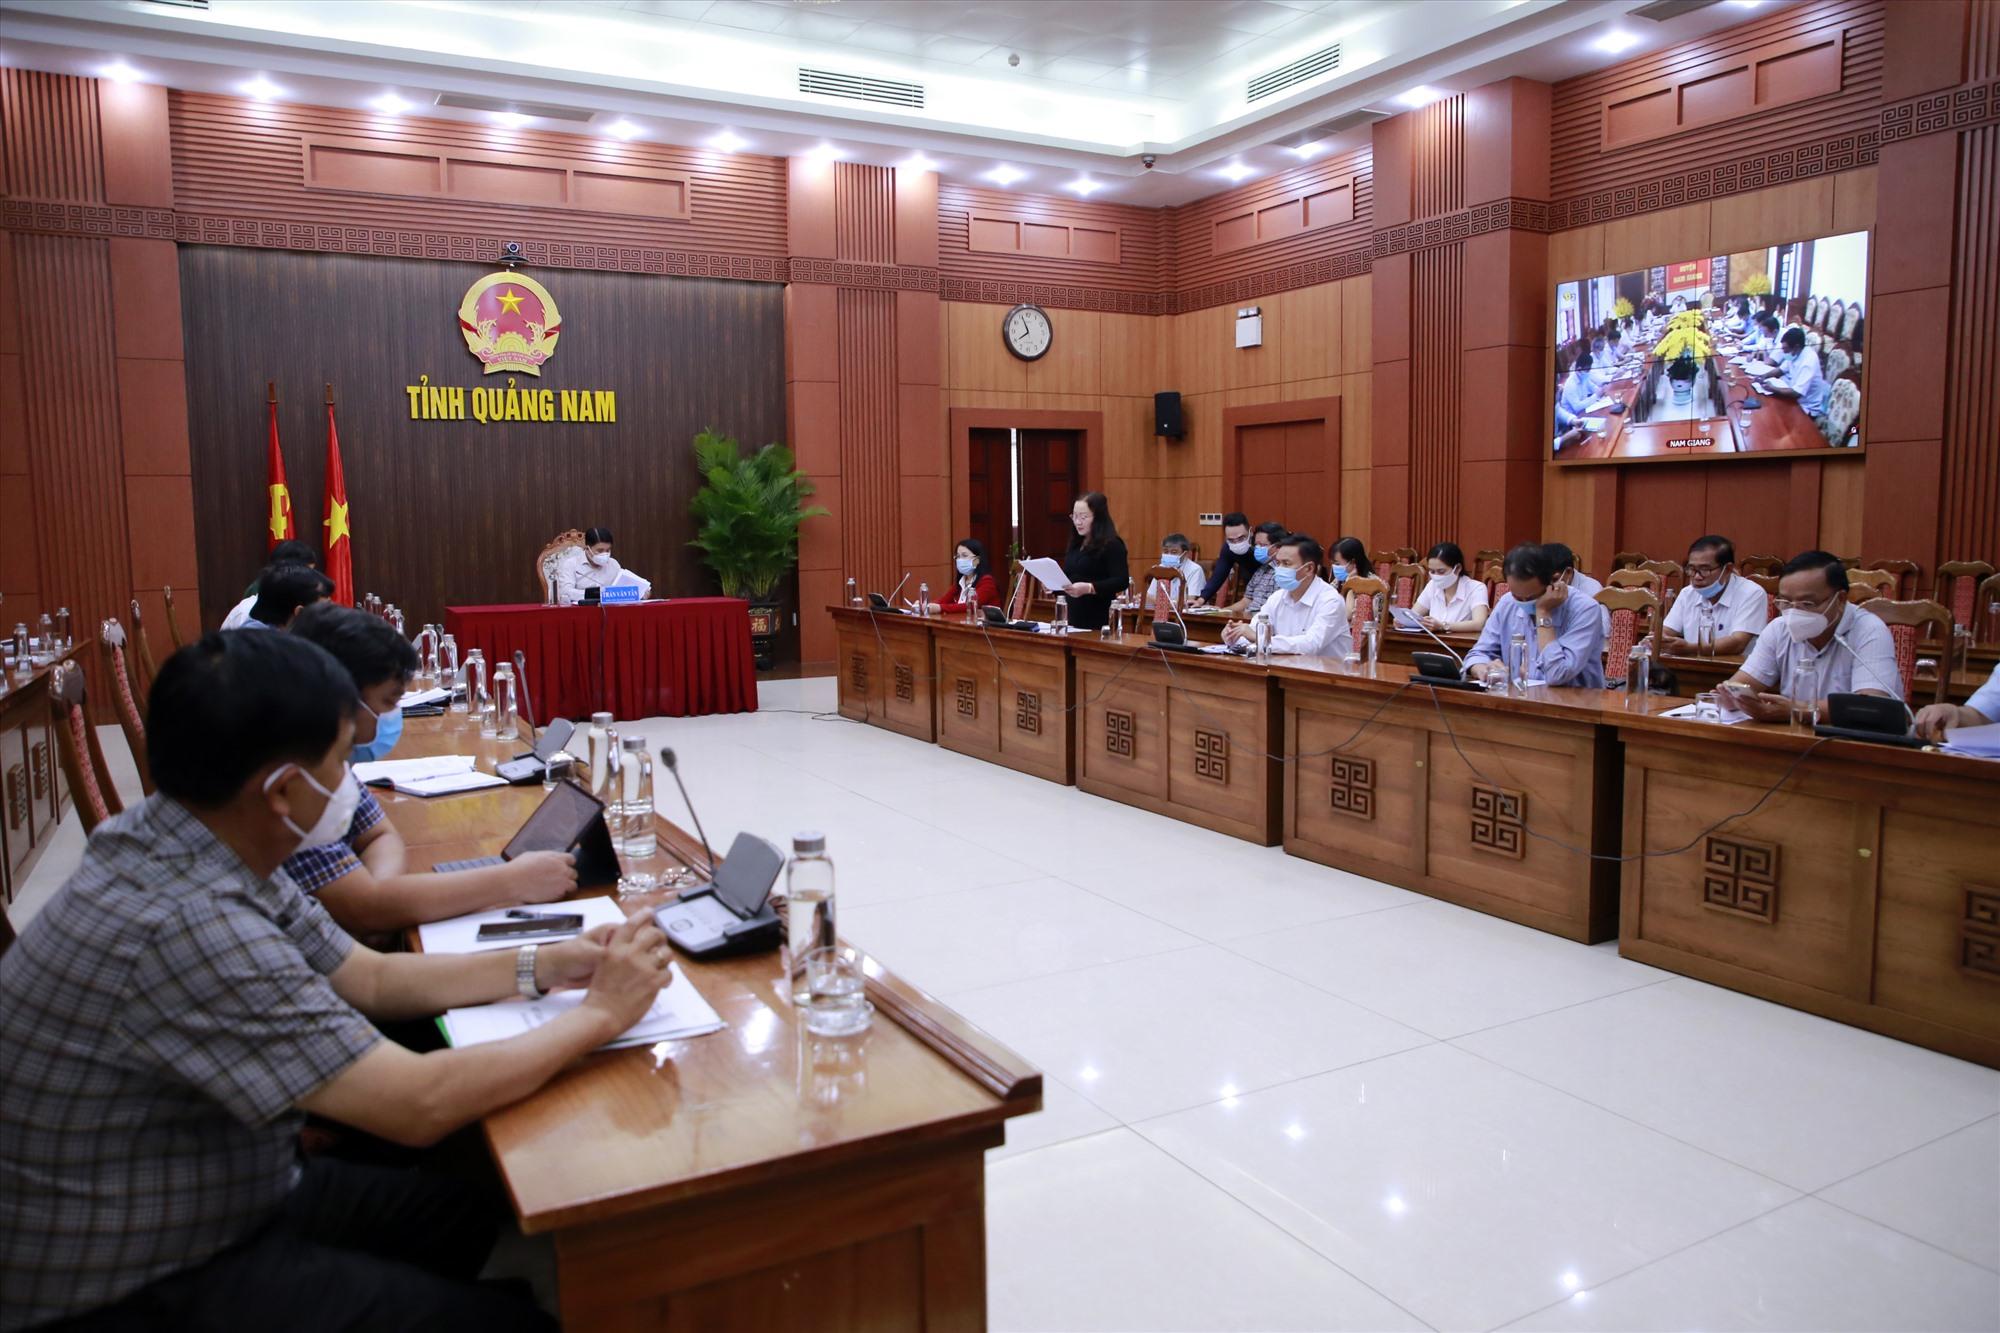 Nhiều ý kiến đóng góp được trình bày tại hội nghị trực tuyến về xử lý chất thải rắn tổ chức vào sáng qua 9.9. Ảnh: T.C